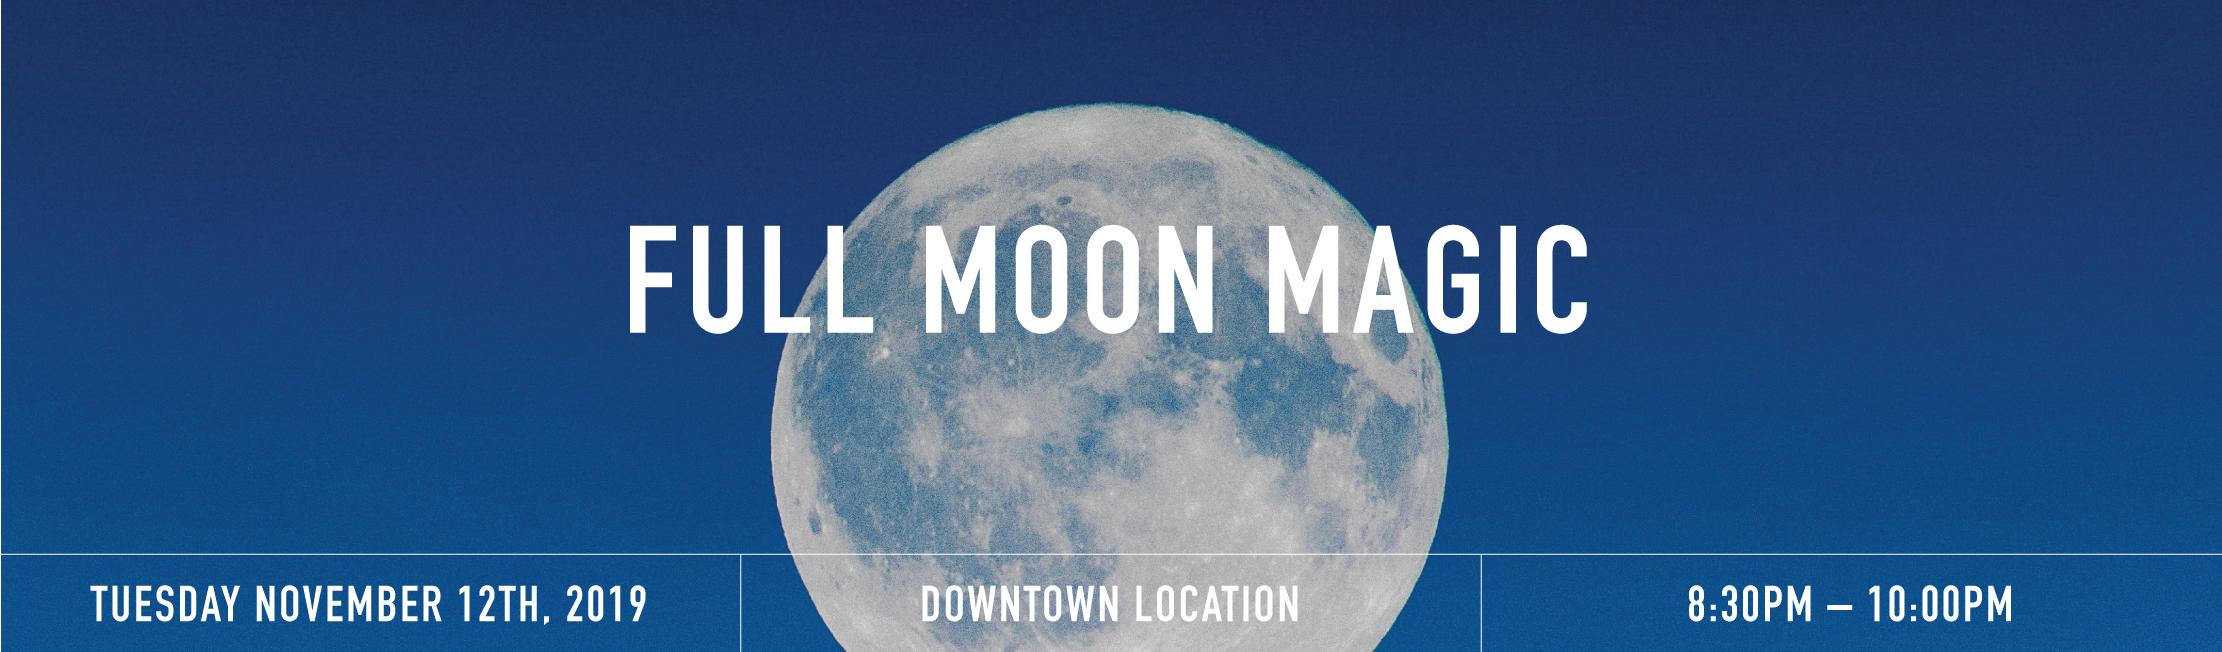 Full moon banner